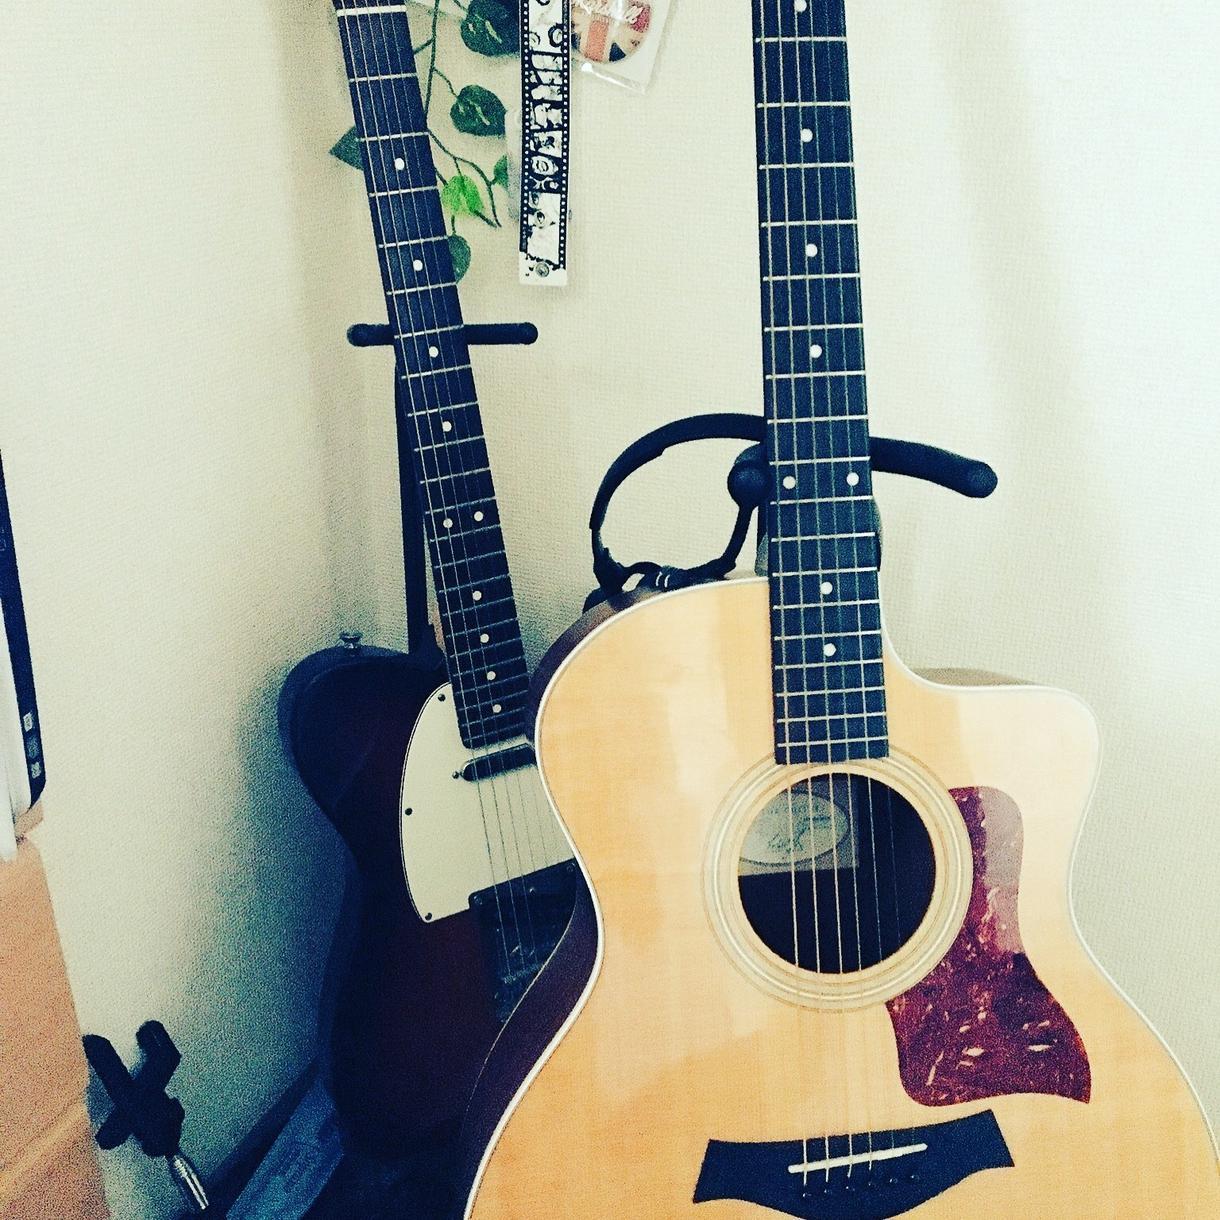 ギターで歌おう!アコギ音源をお送りします 好きな曲を弾き語りのような音で歌ってみましょう!